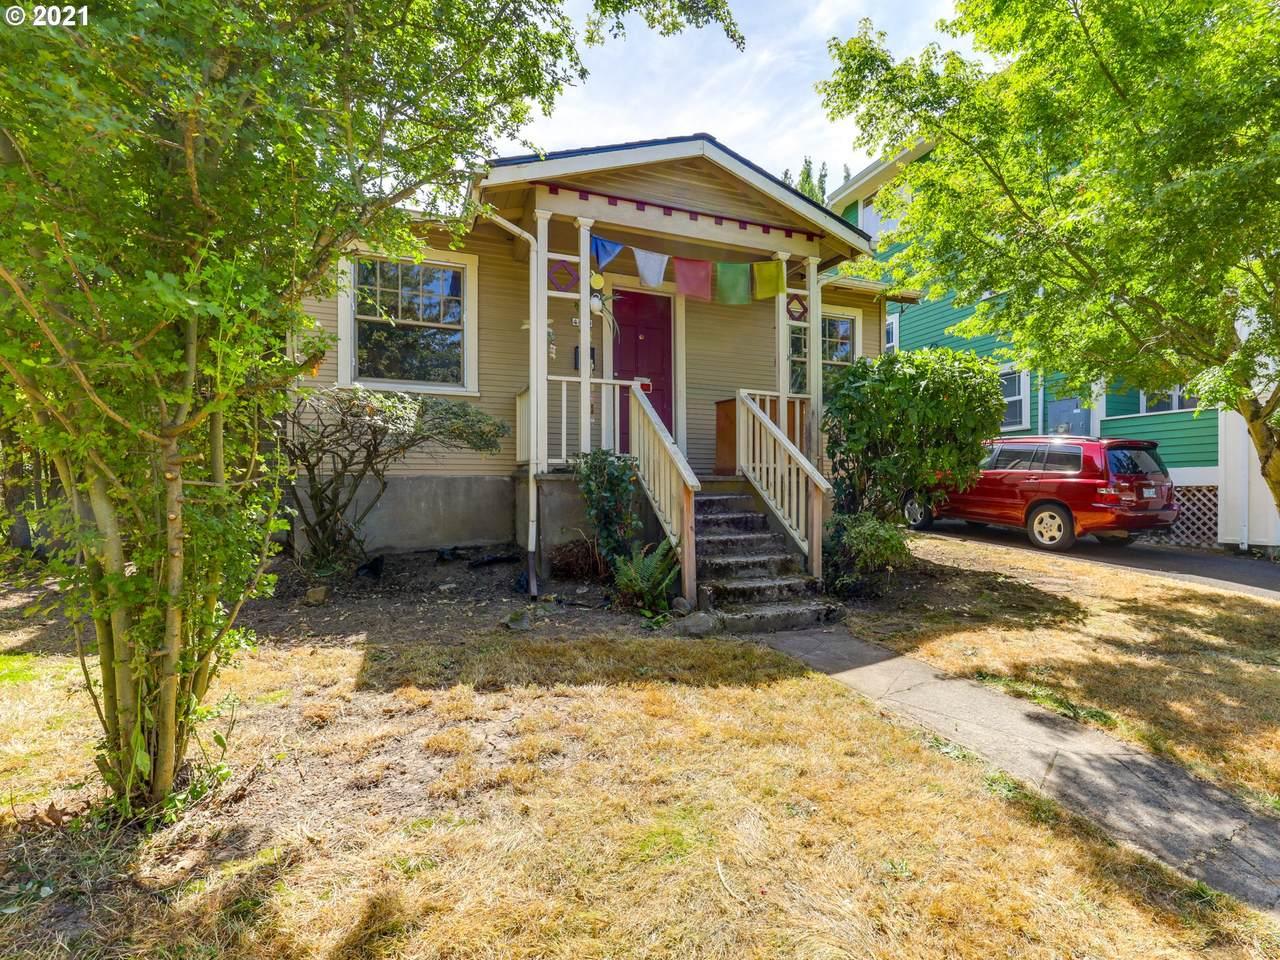 4650 Madison St - Photo 1